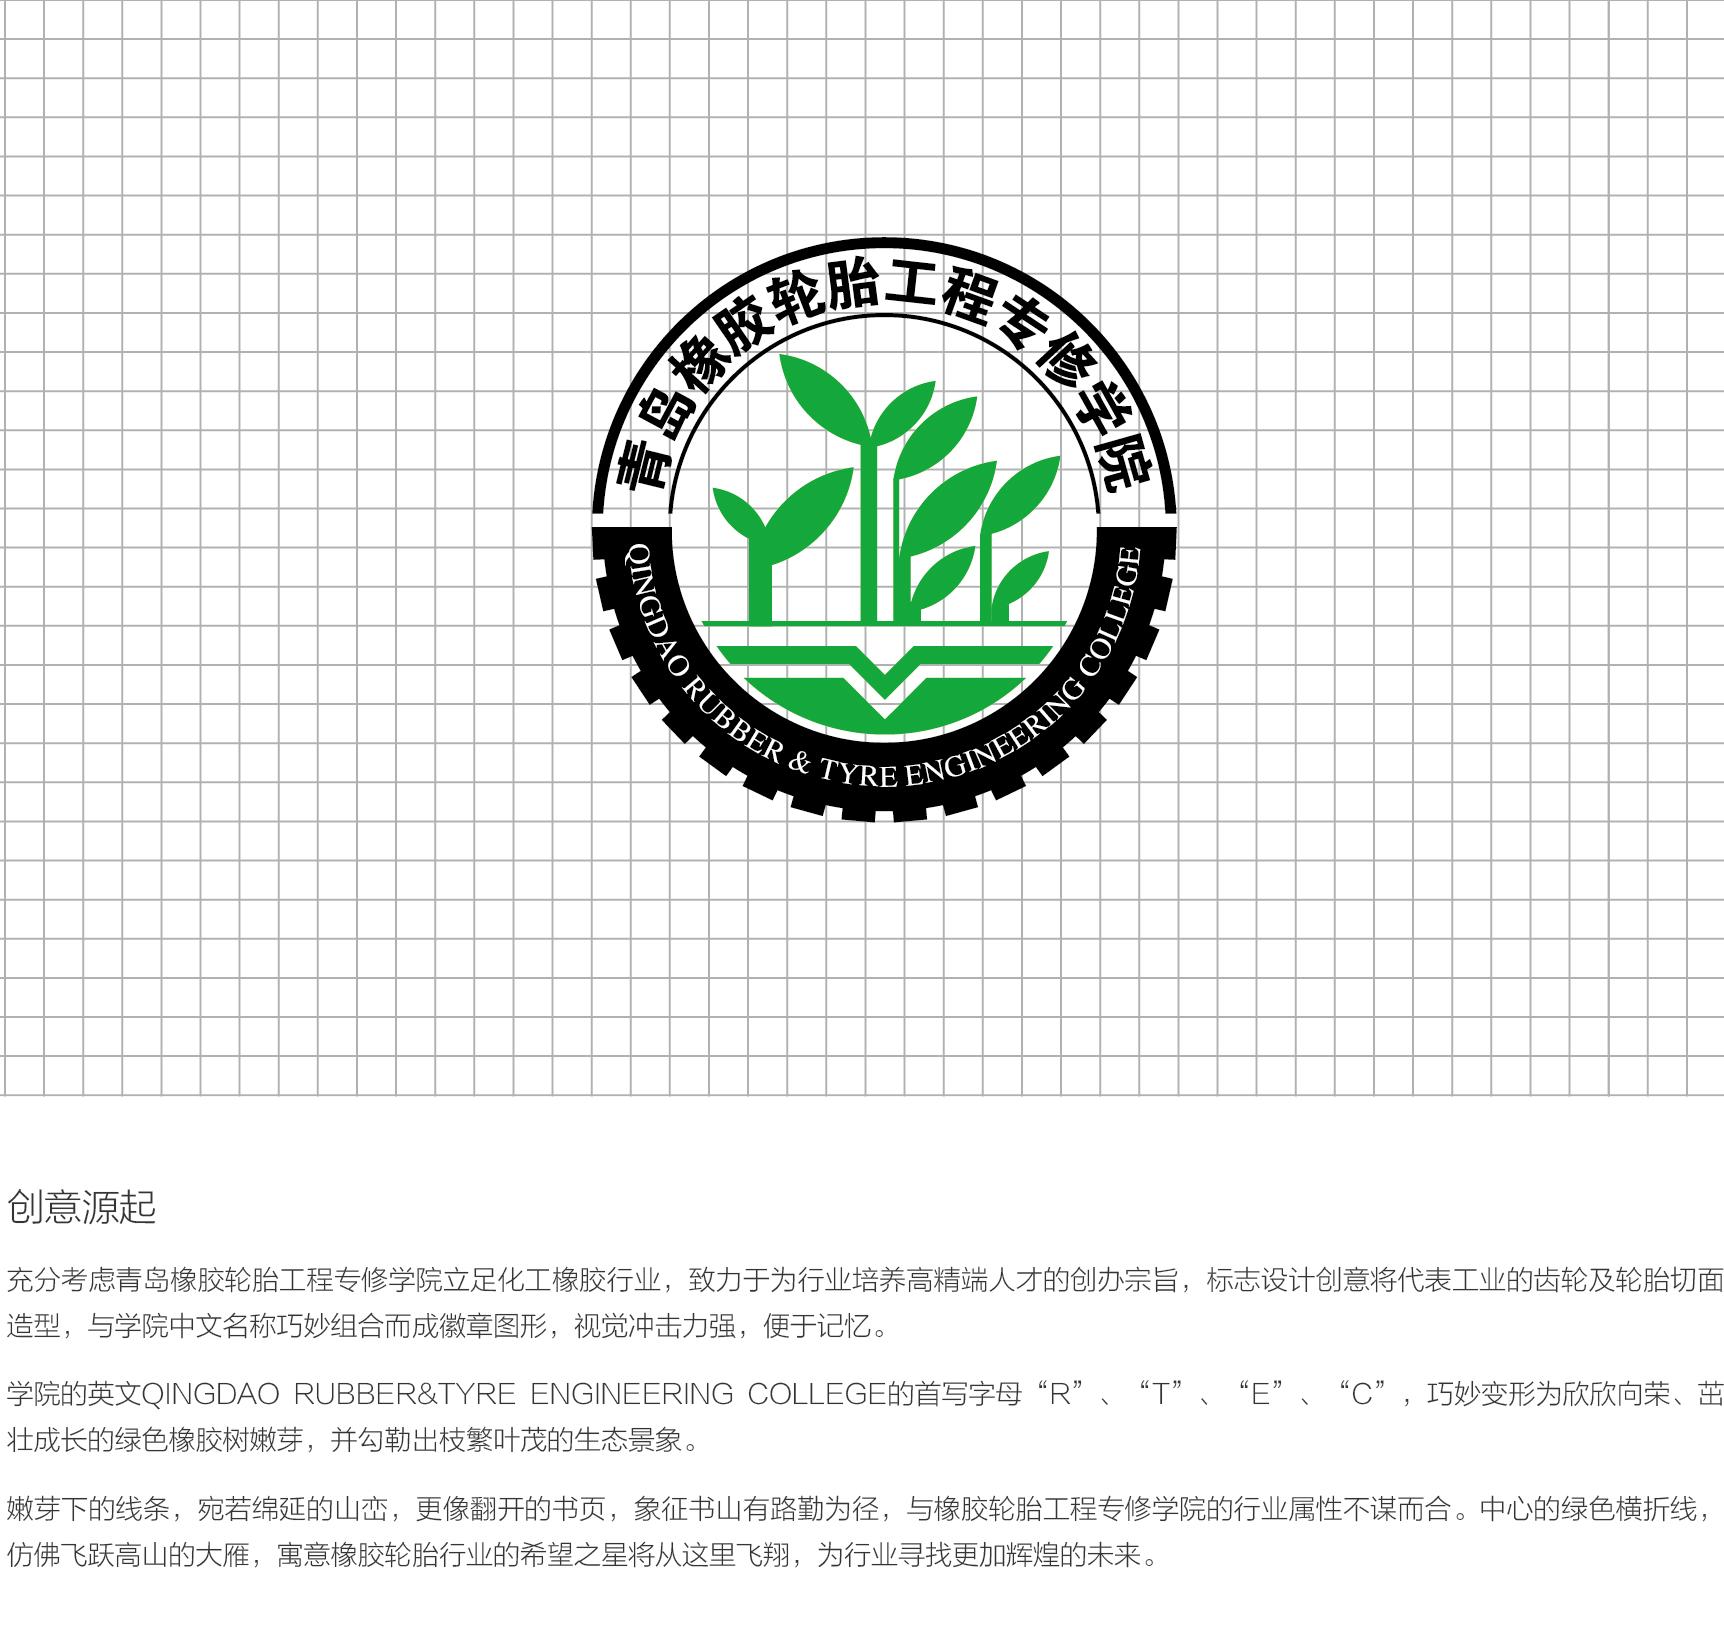 青岛橡胶轮胎工程专修学院